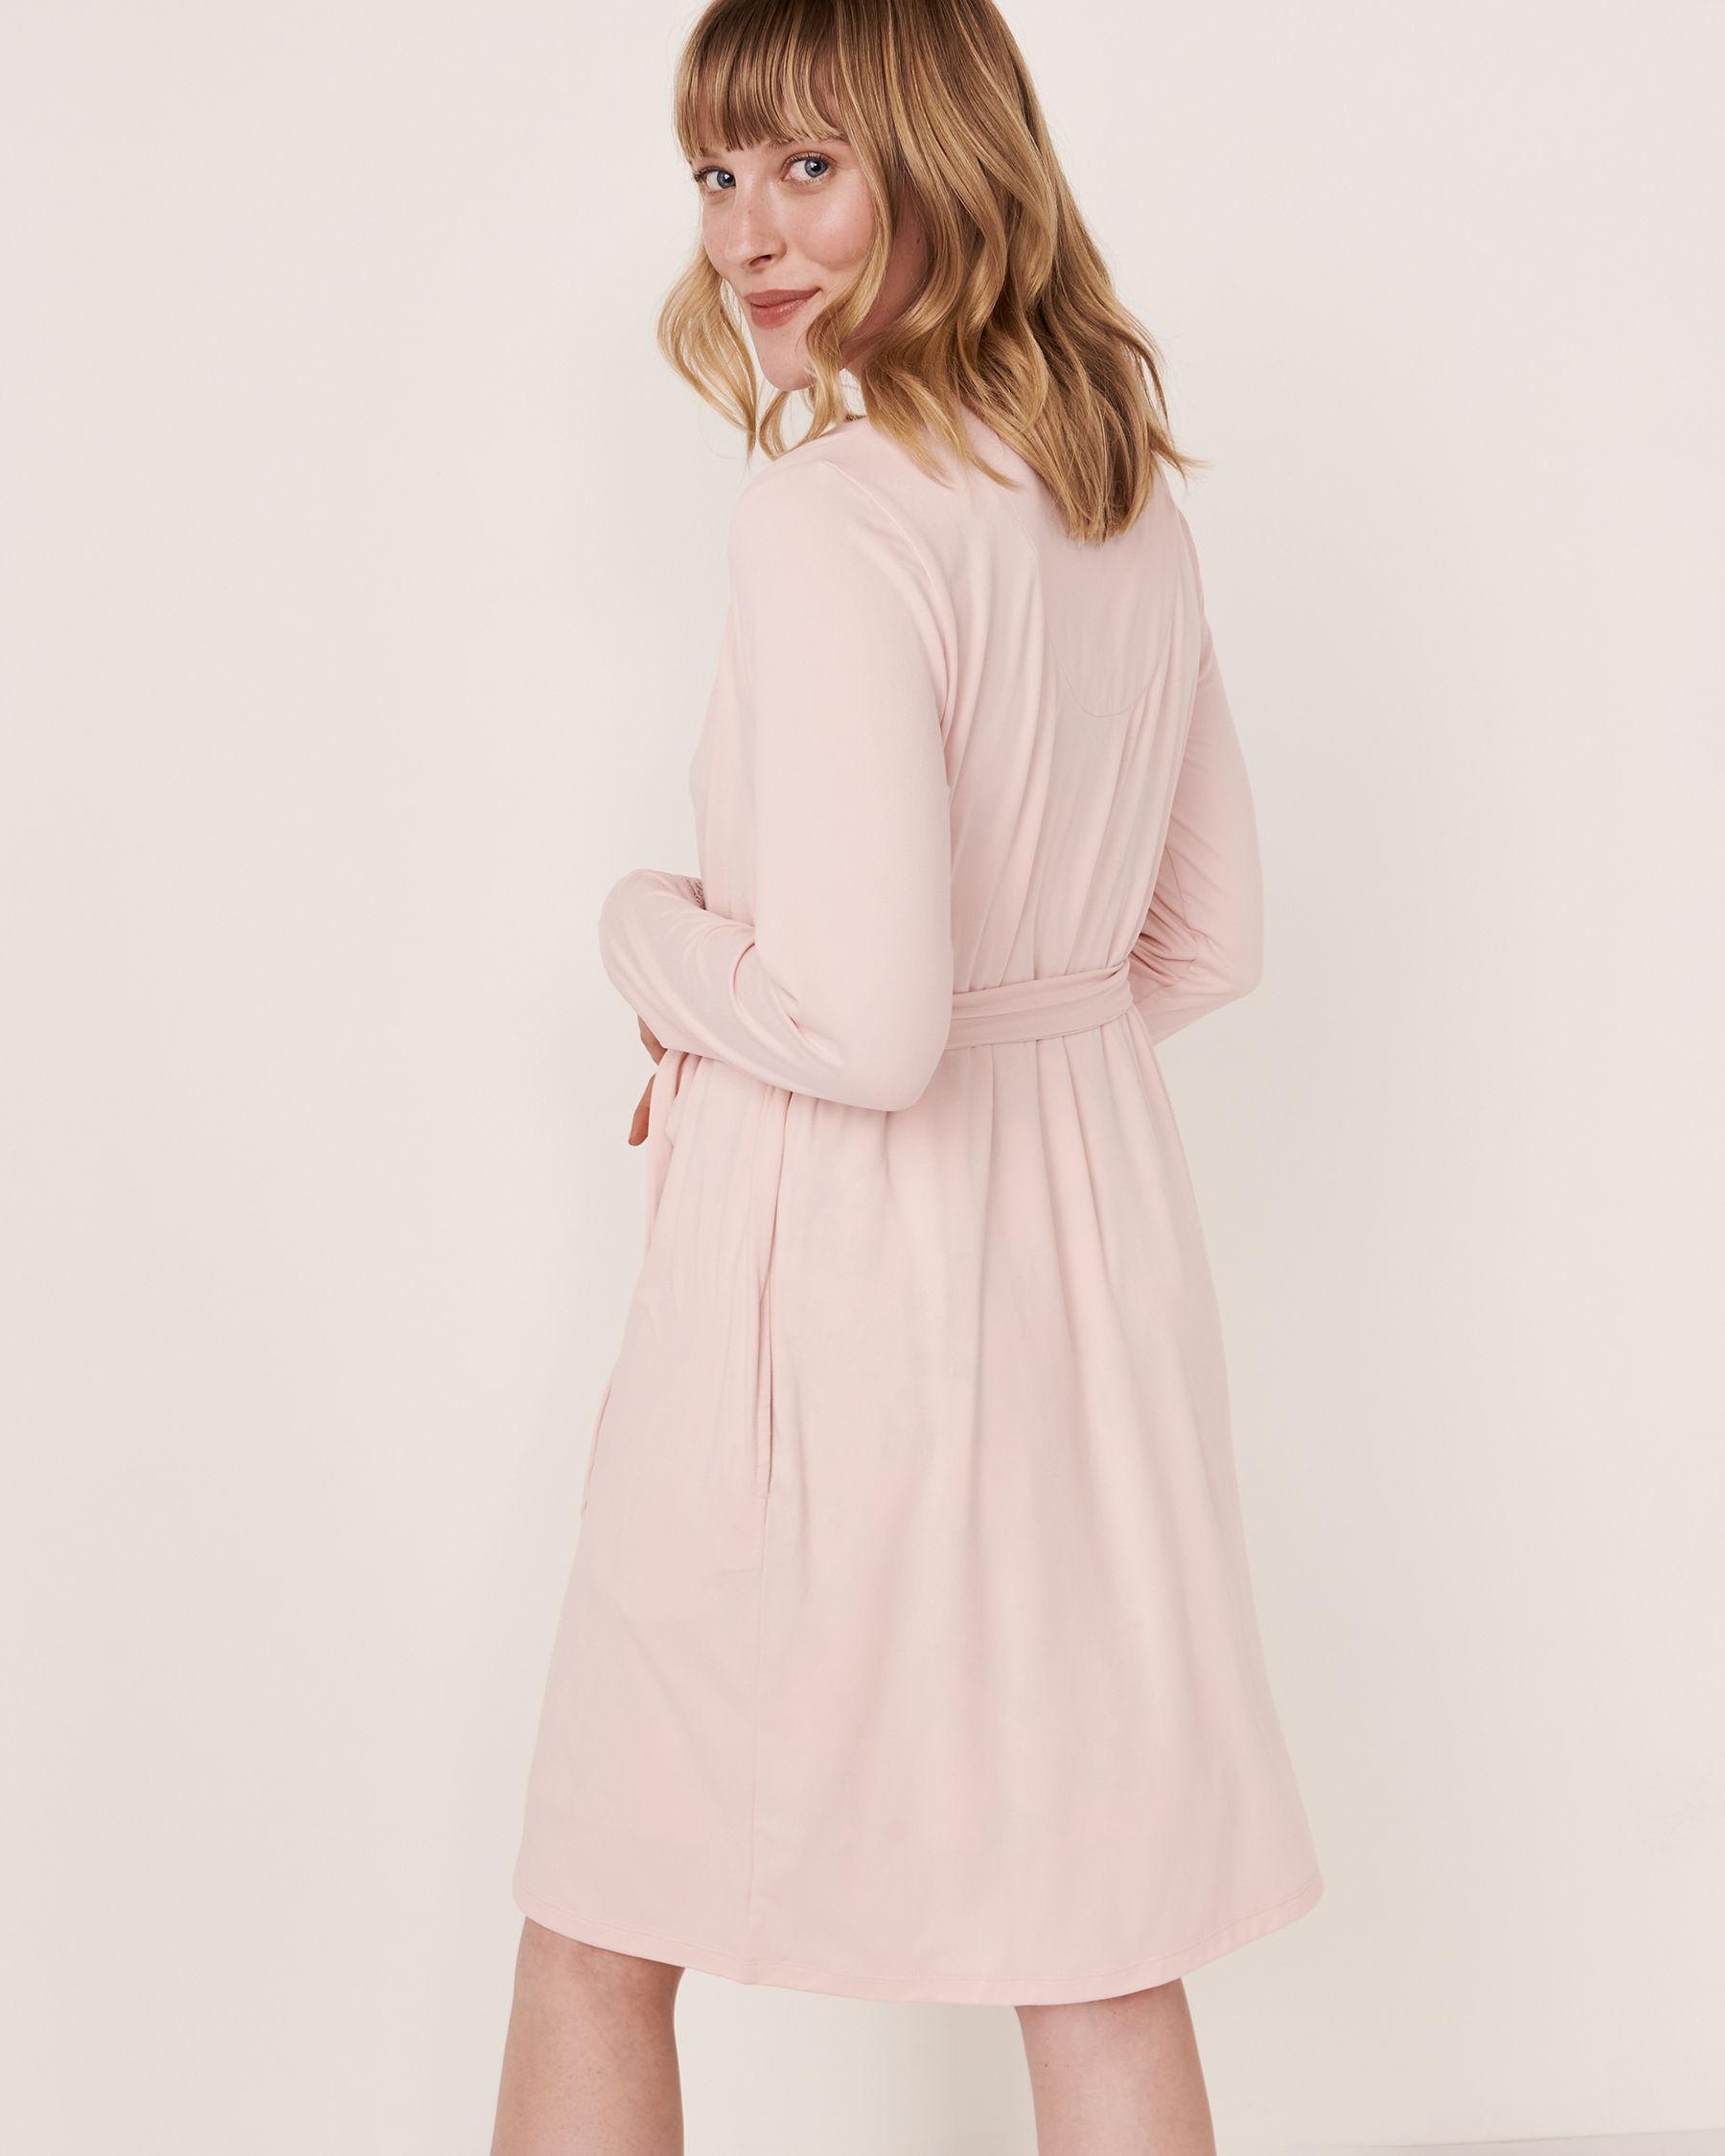 LA VIE EN ROSE Kimono garniture de dentelle Rose pâle 40600018 - Voir2